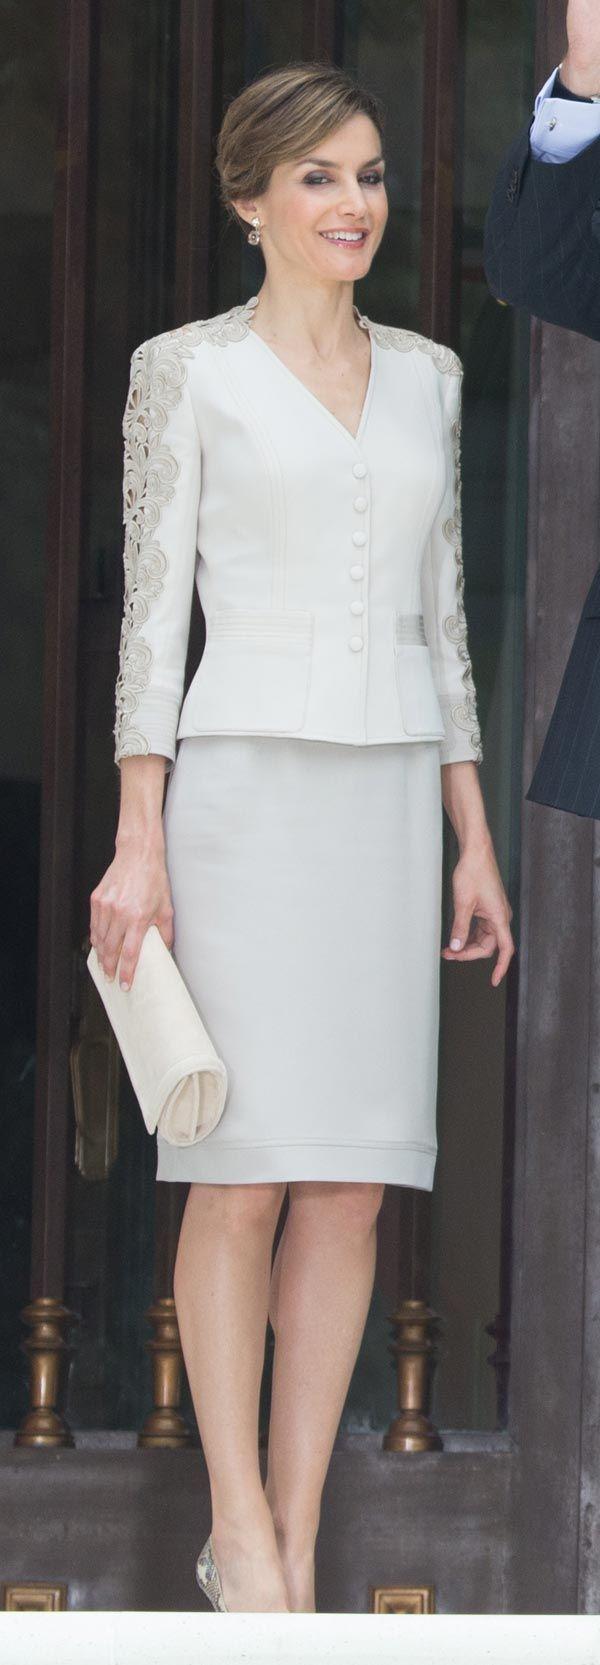 La Reina Doña Letizia posa en Los Pinos dónde los reyes fueron invitados para una cena privada. Mexico DF 29 junio 2015